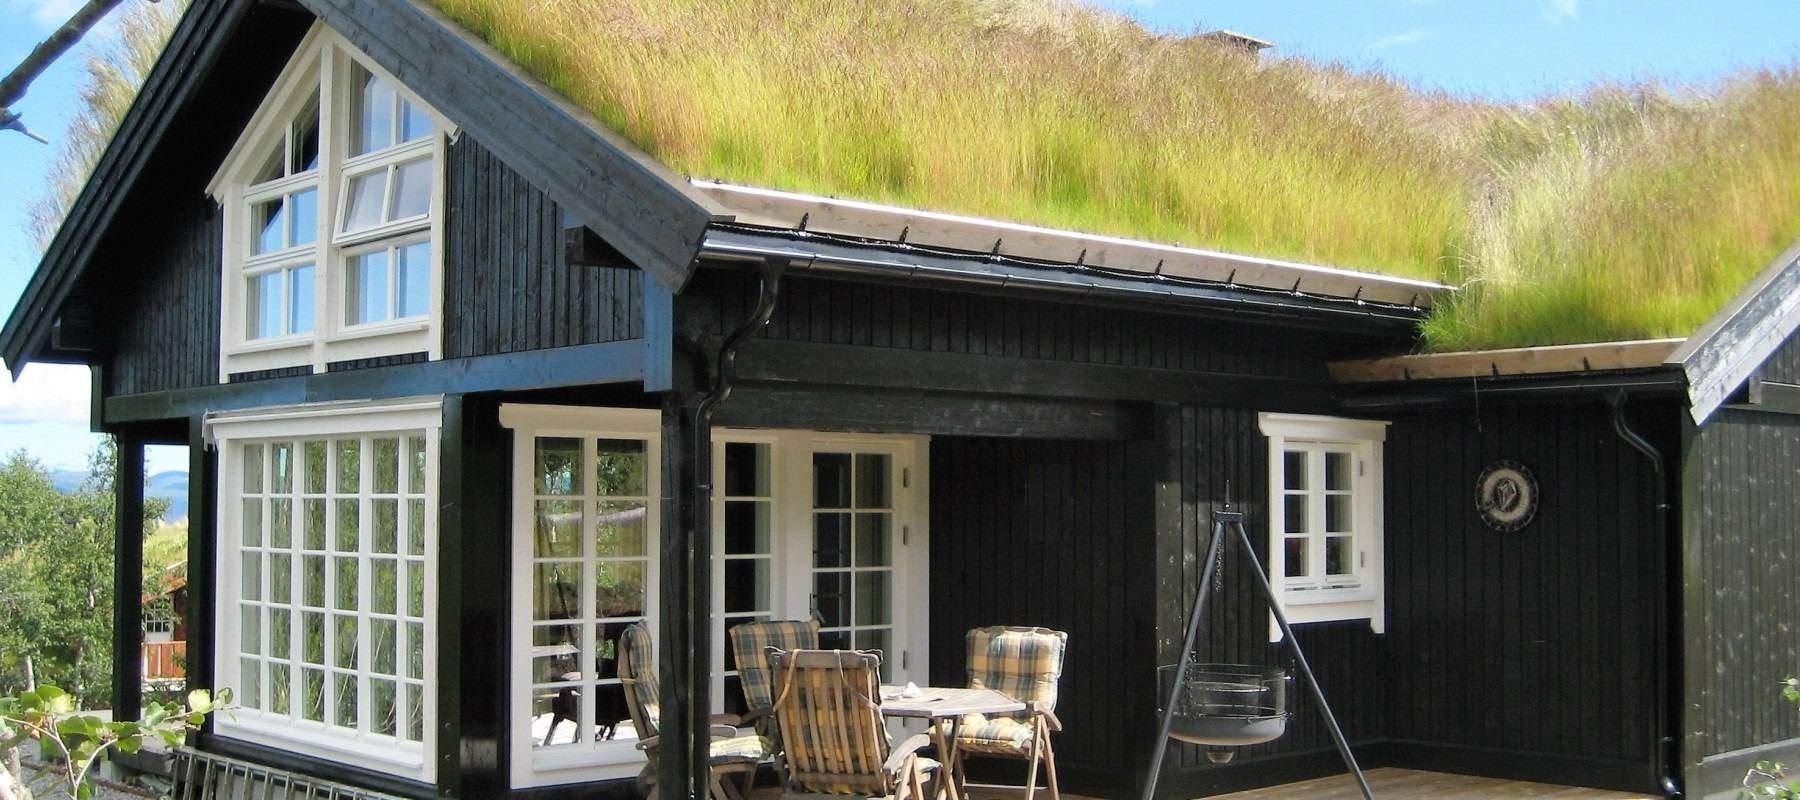 186 Hytte Høgevarde- Stryn 97